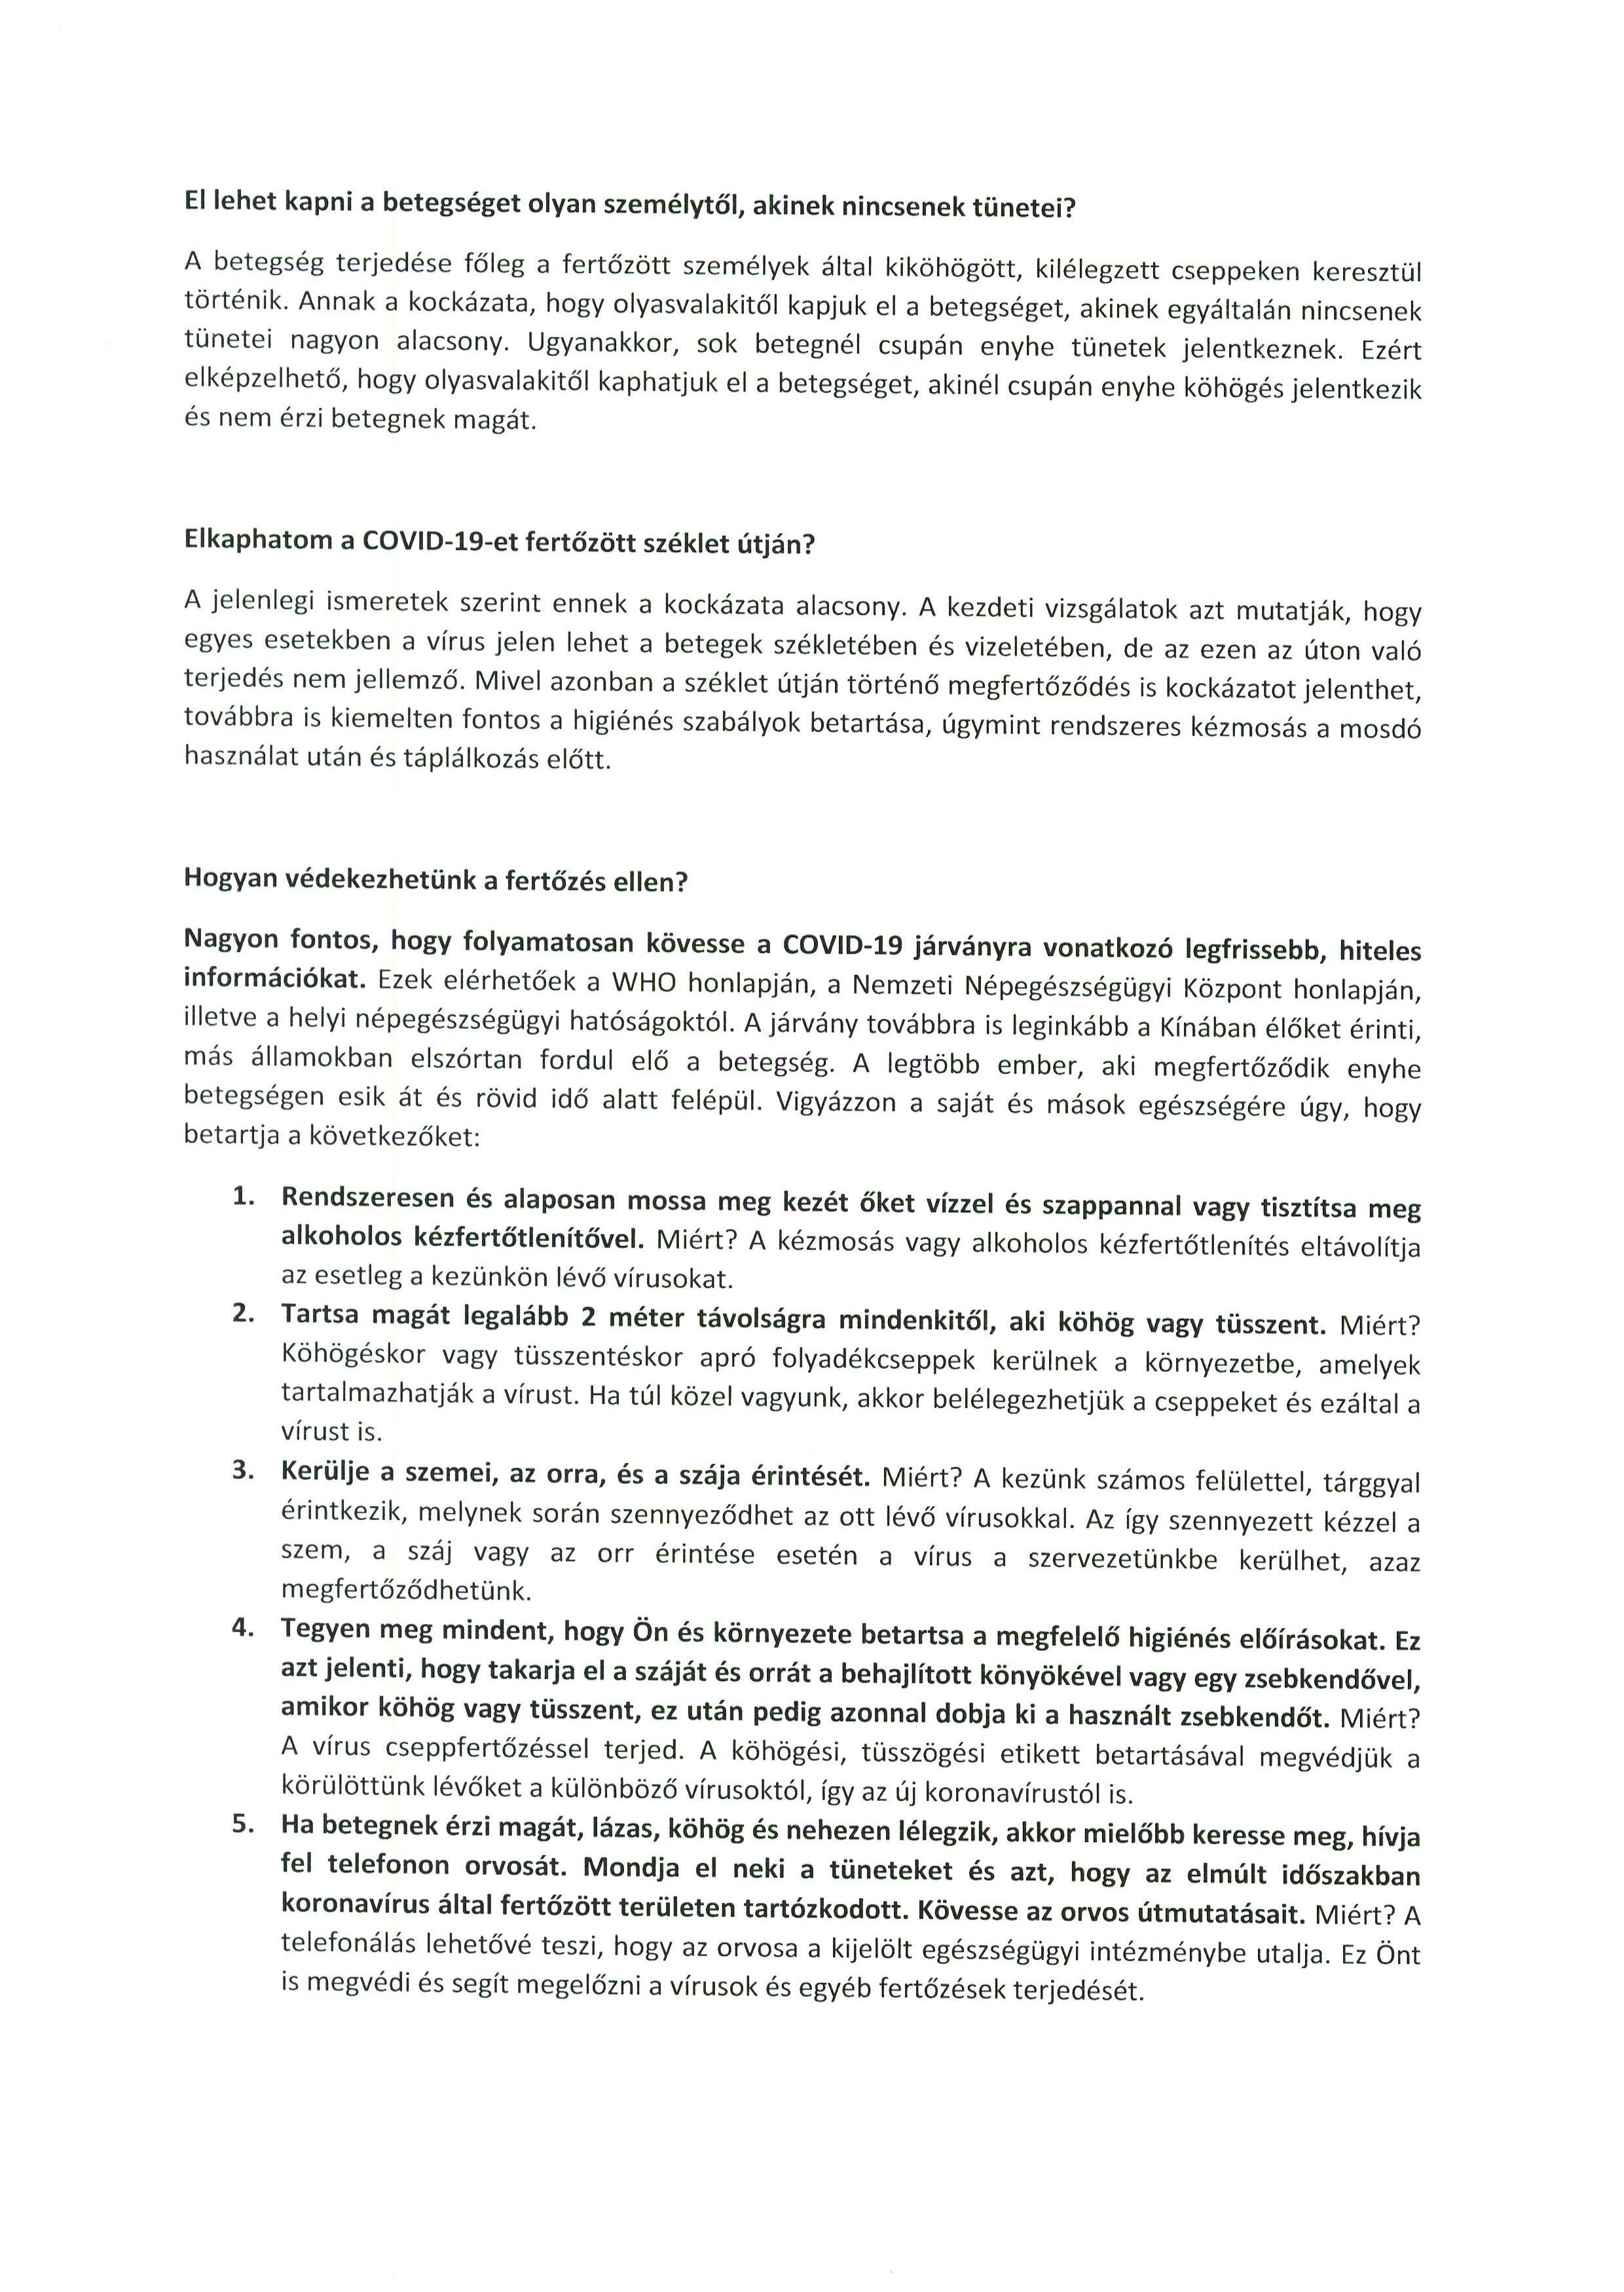 TÁJÉKOZTATÓ a COVID-19-koronavírussal kapcsolatosan.2